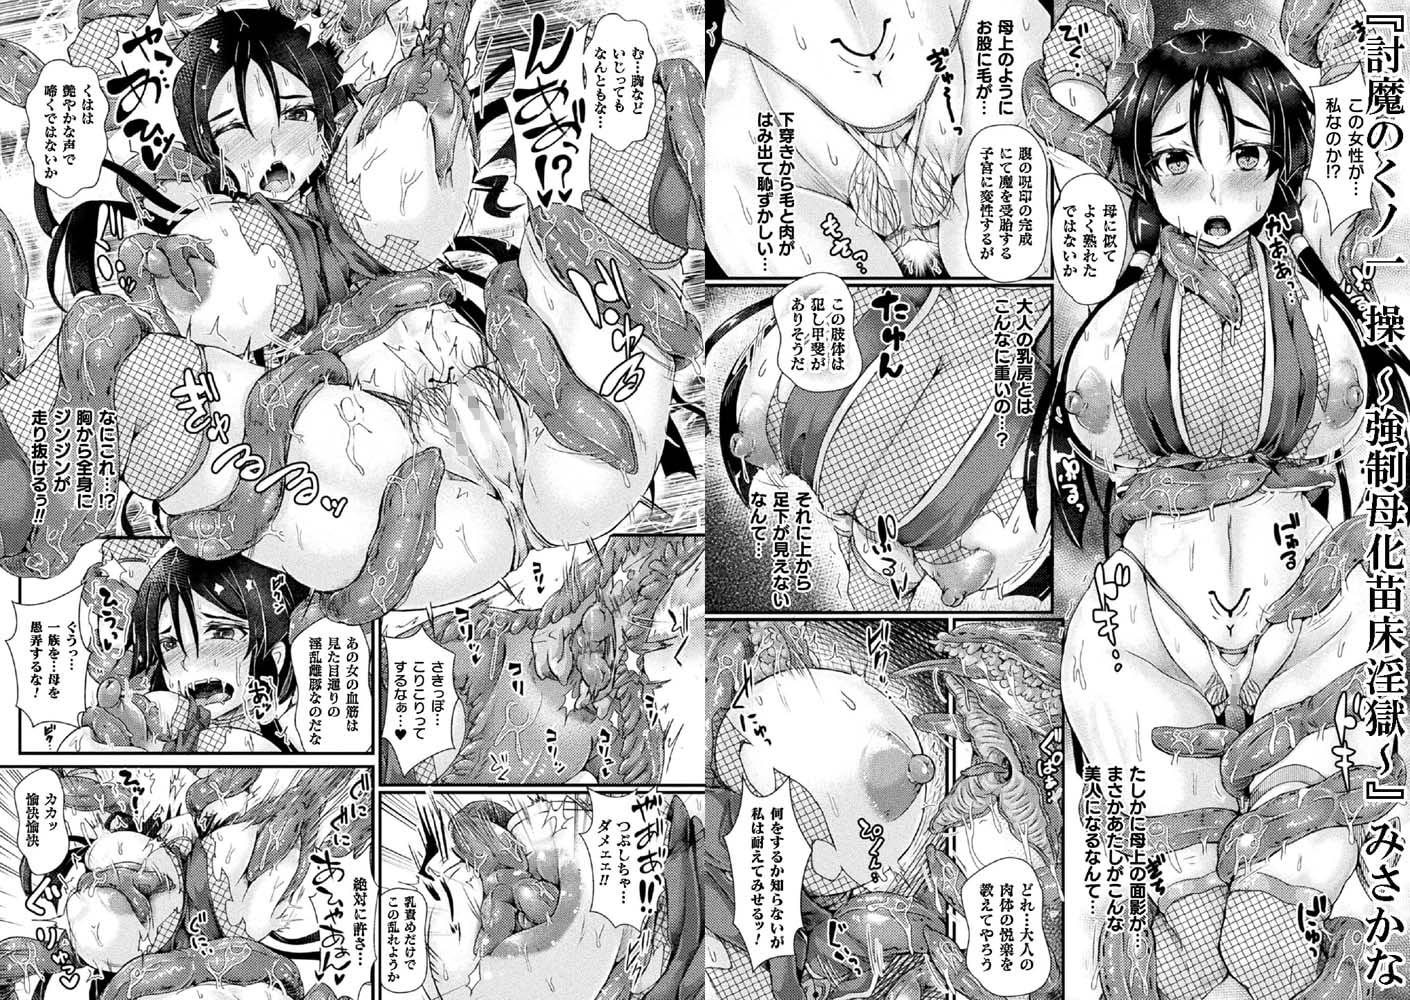 二次元コミックマガジン 大人化/子供化 肉体の年齢が変わっちゃったヒロインが悶絶激セックス!Vol.1